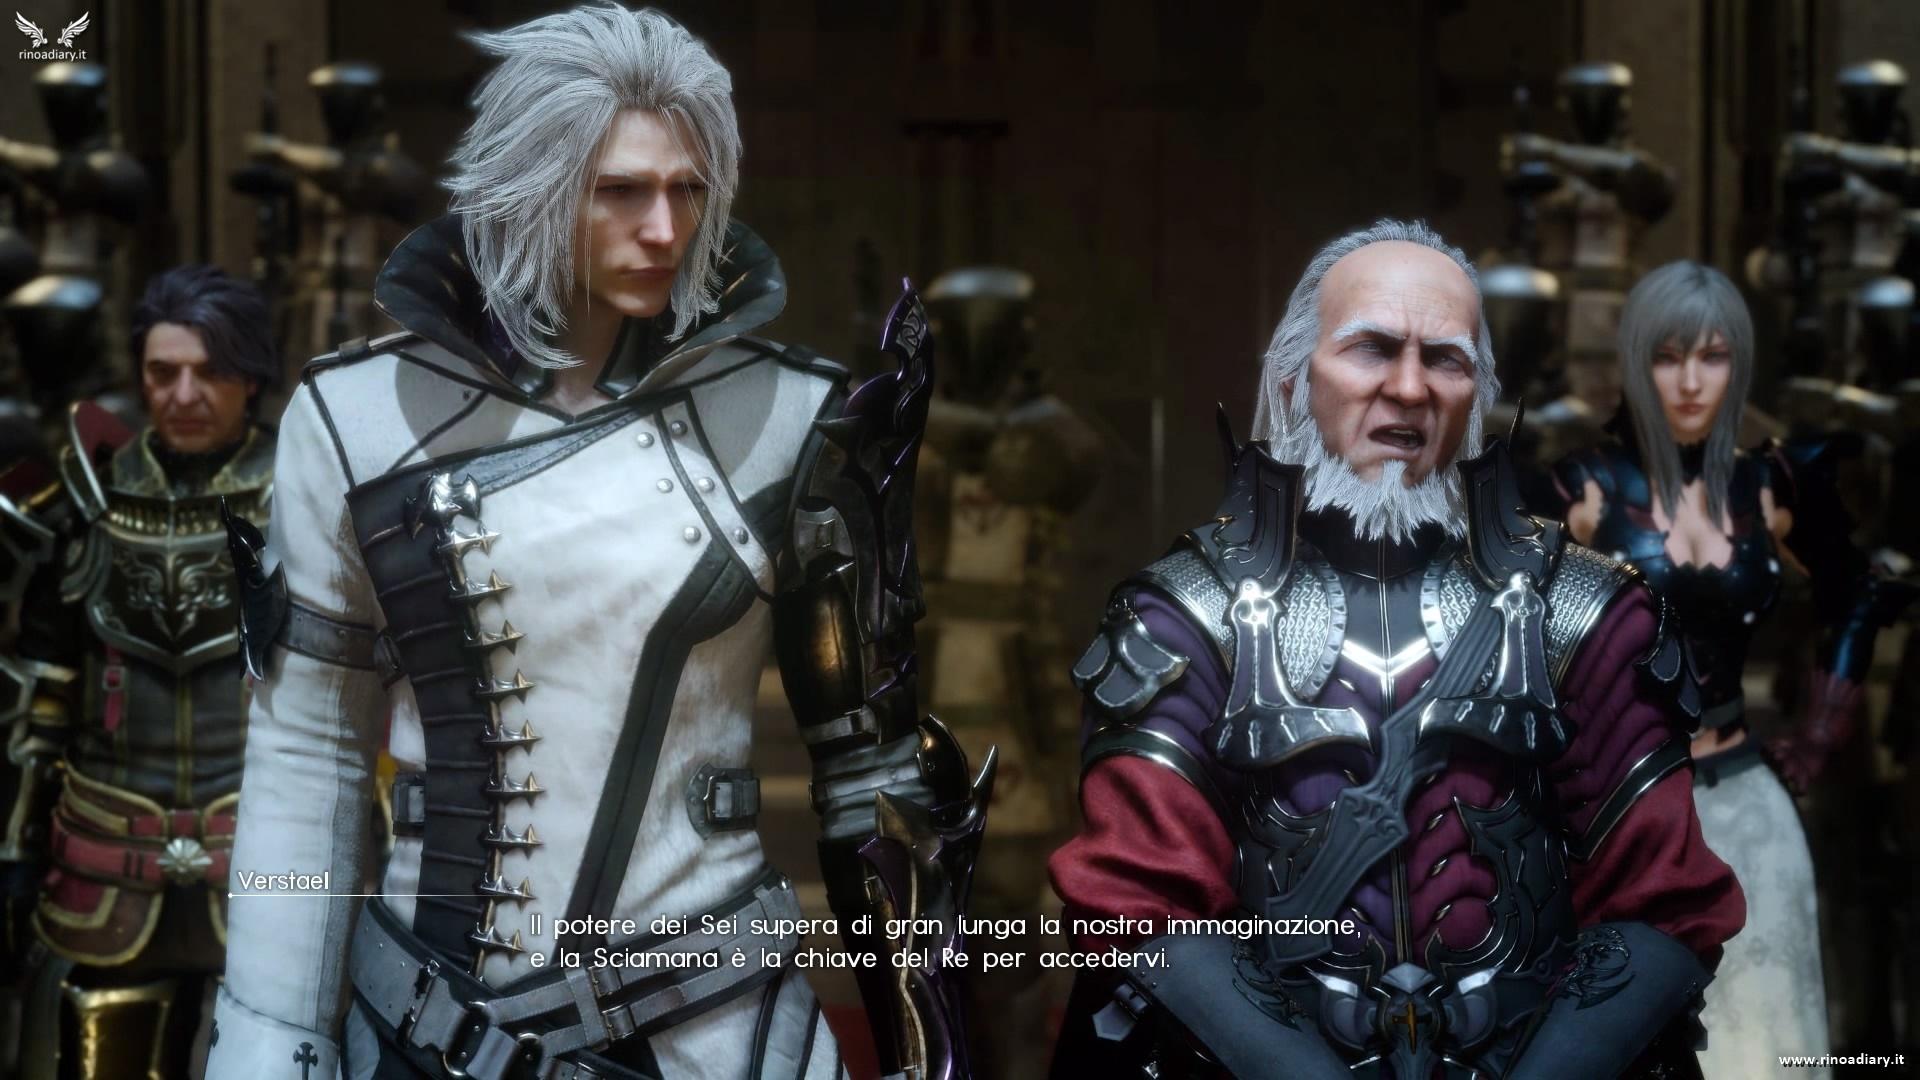 [rumour] In arrivo su Final Fantasy XV nuove scene su molti personaggi e l'espansione World of Versus